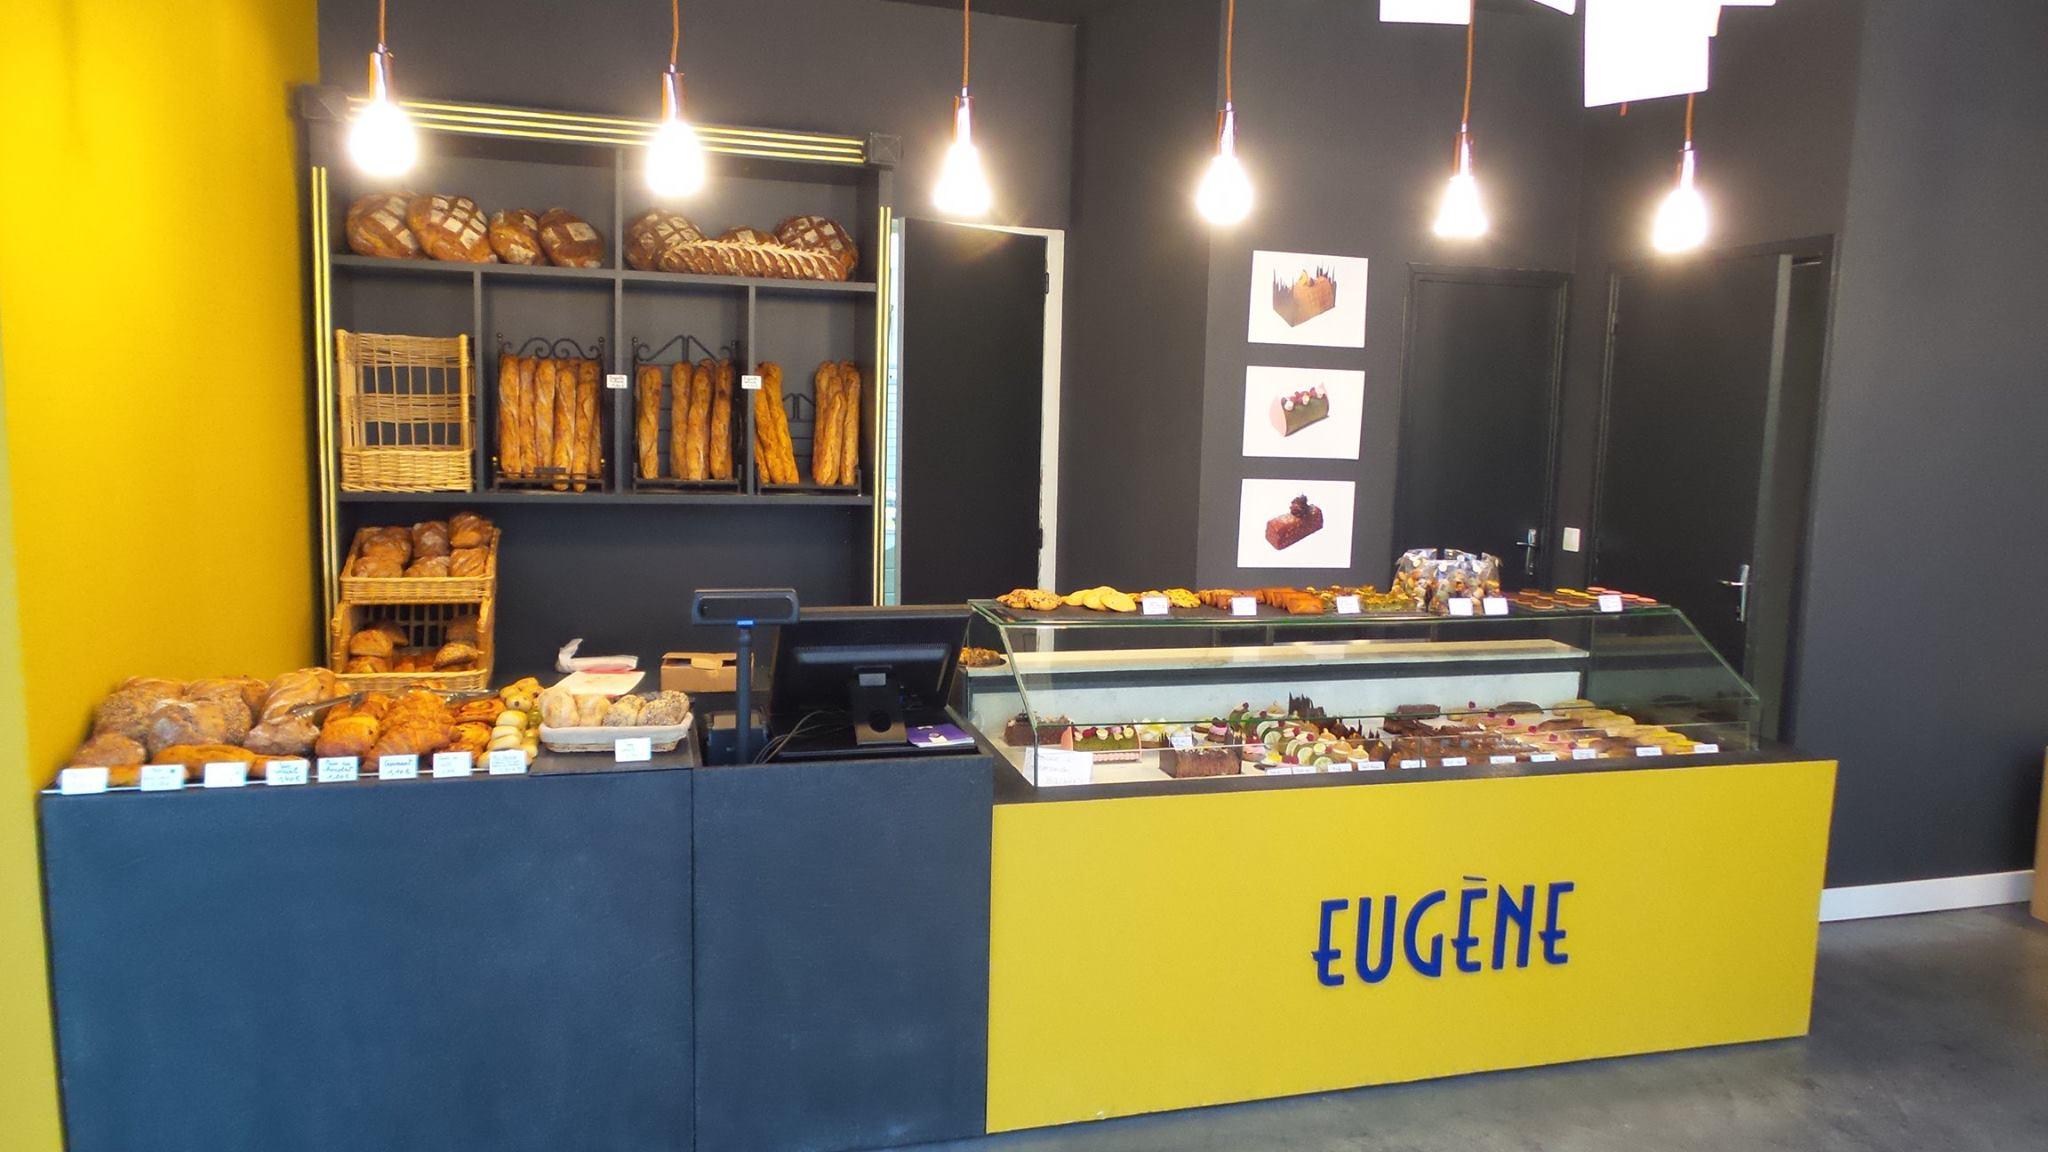 Nouveaux concepts : pâtisserie sans sucre - Eugène